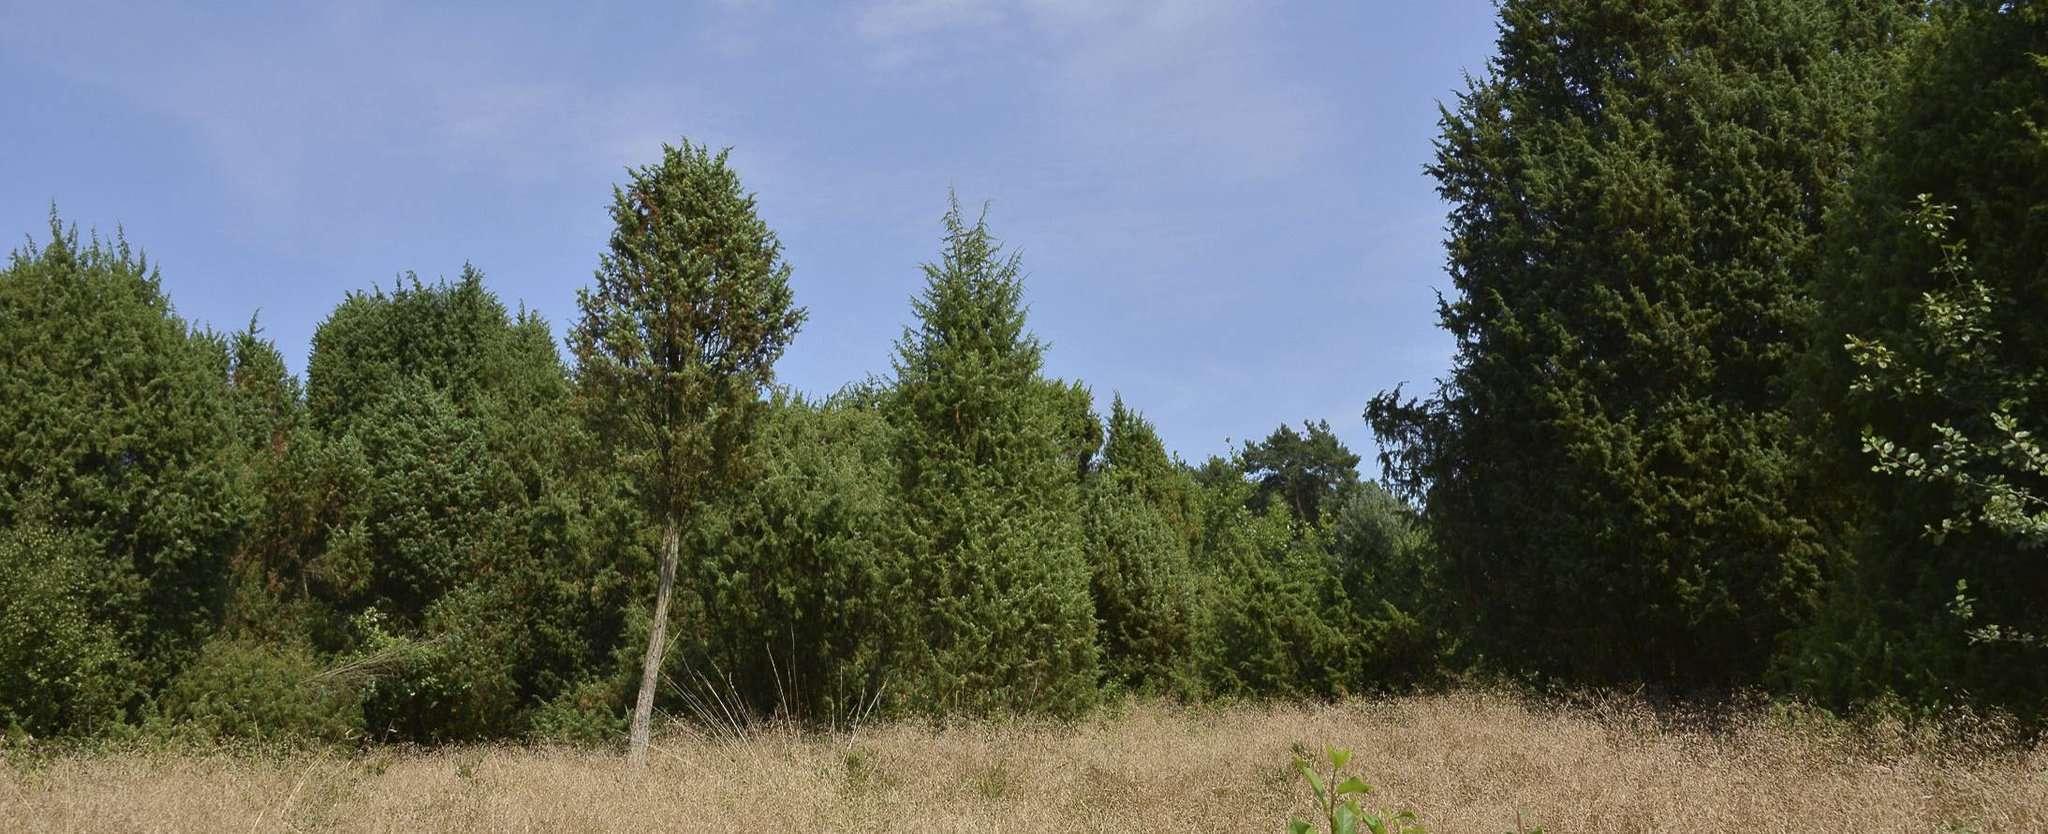 Westerescher Wacholderpark in der Sommersonne. Foto: Joachim Looks